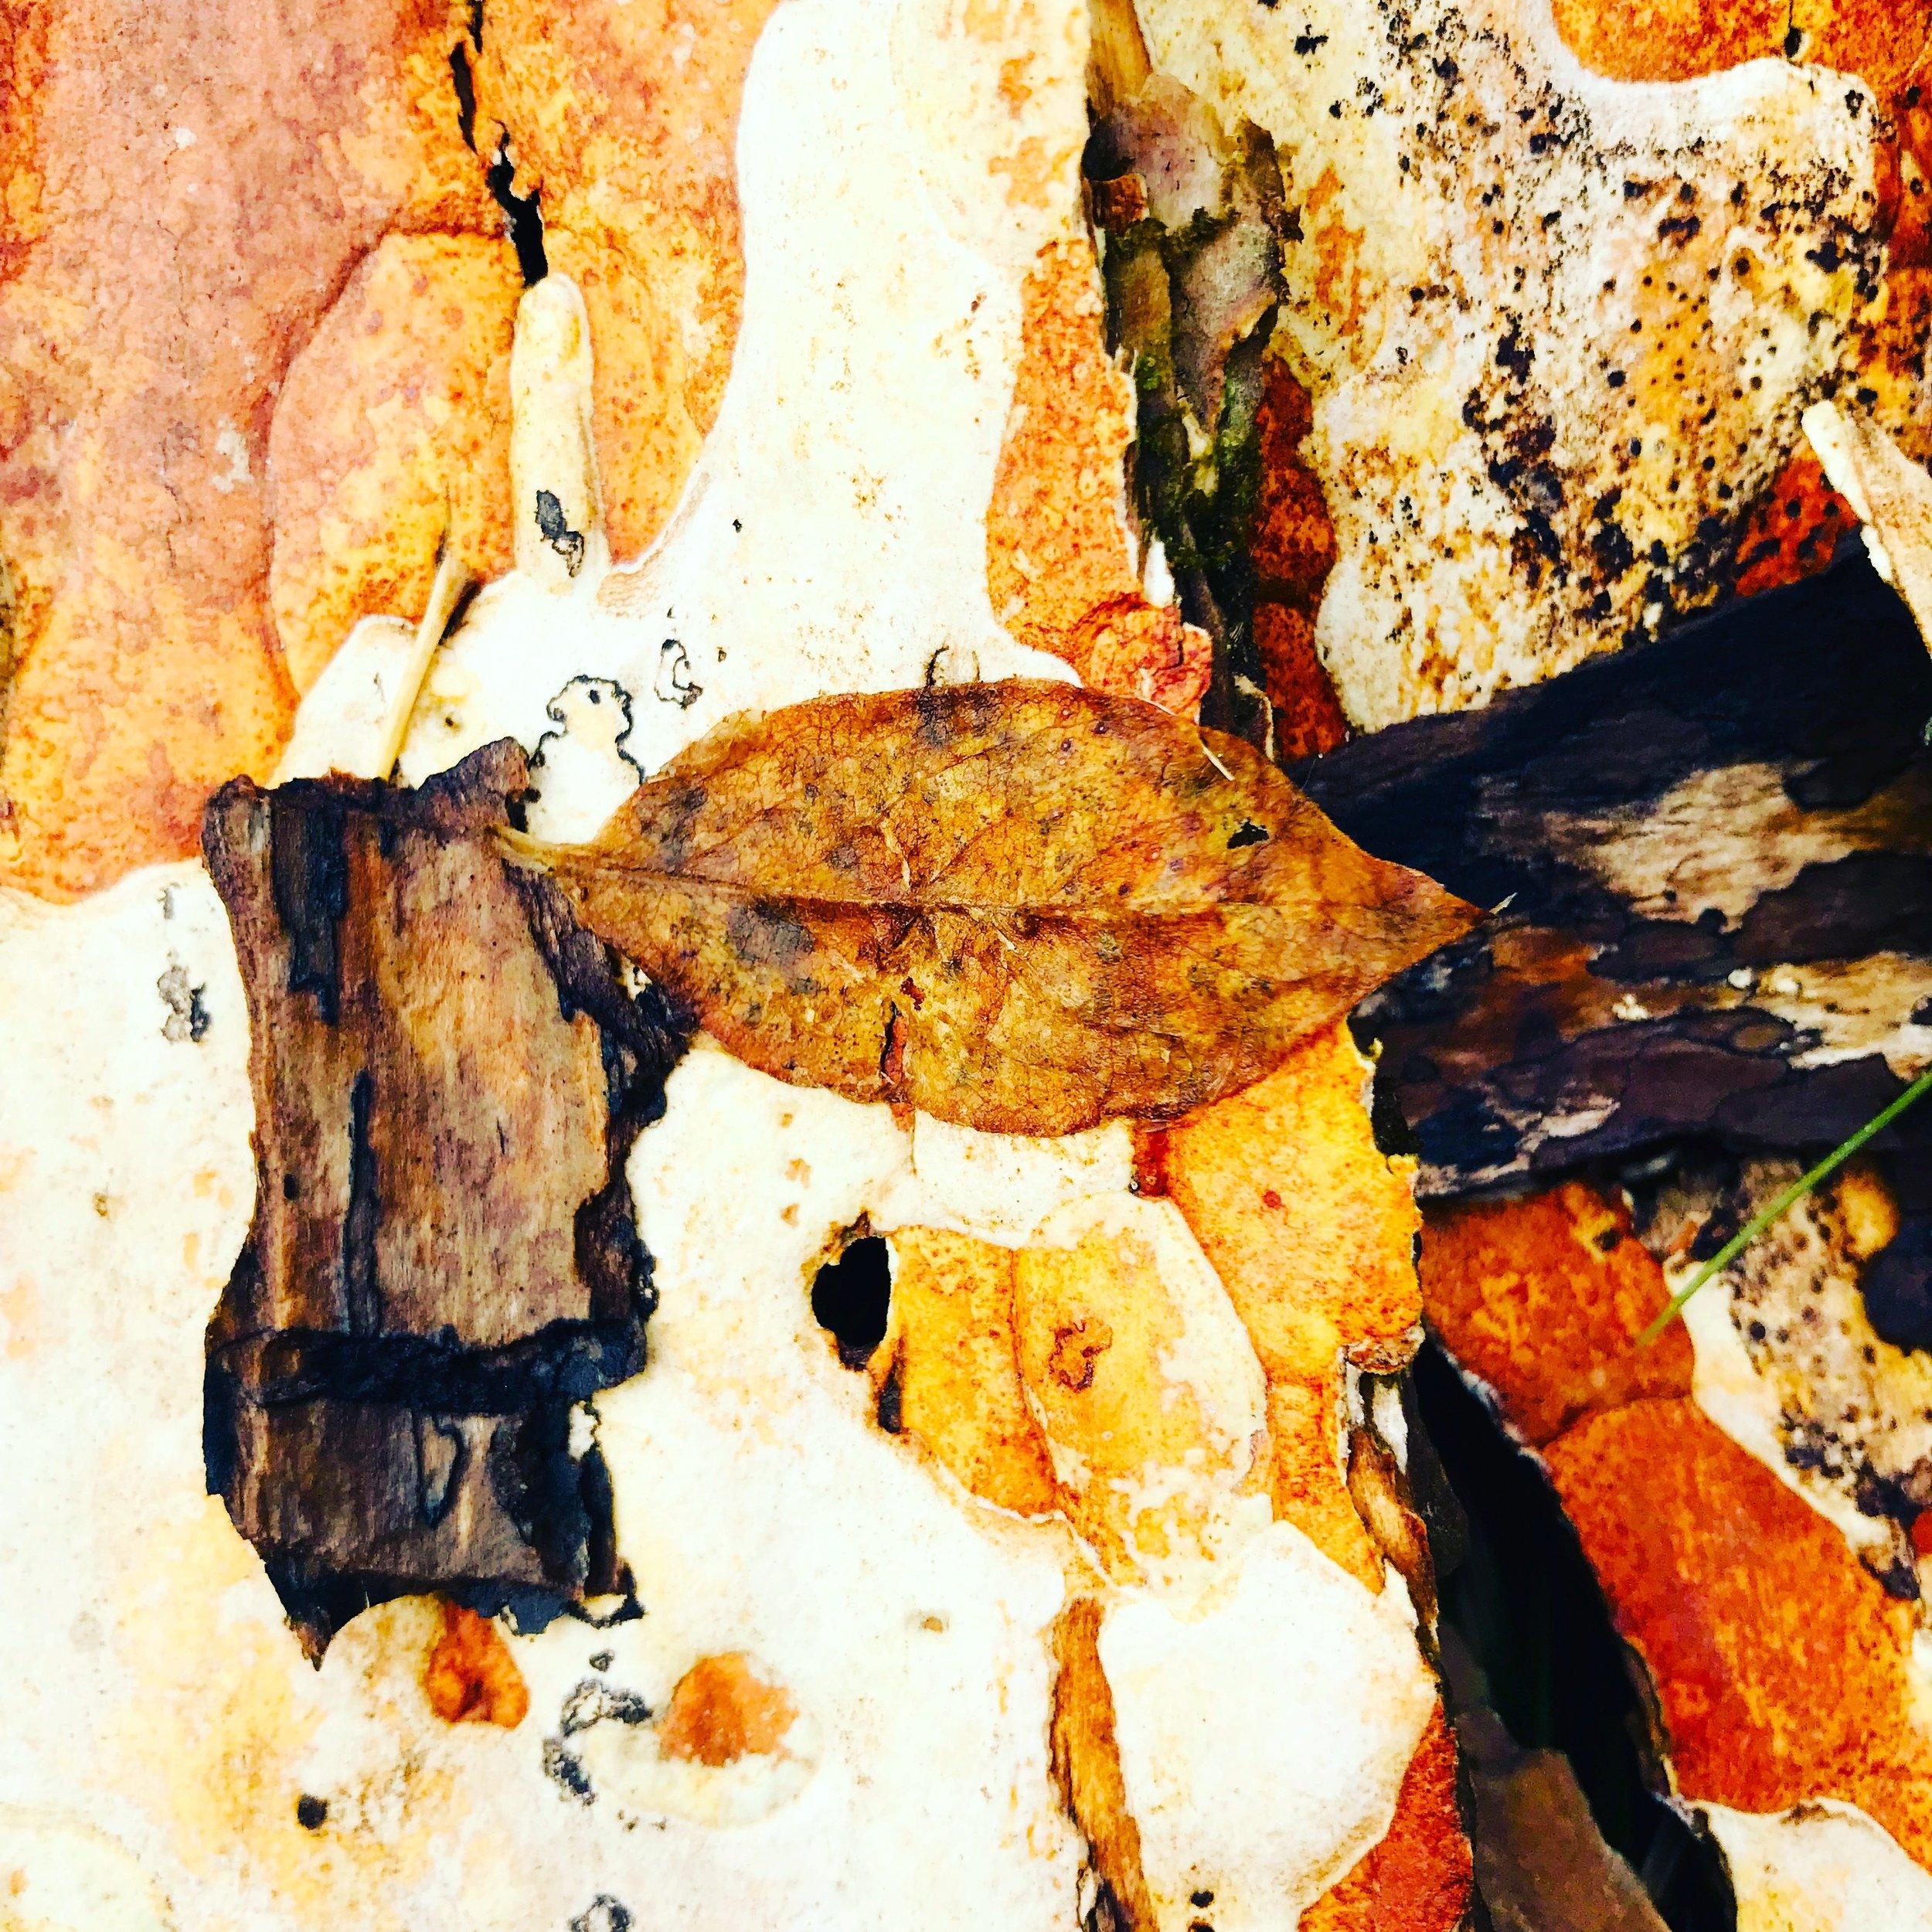 Tree bark near the swamp